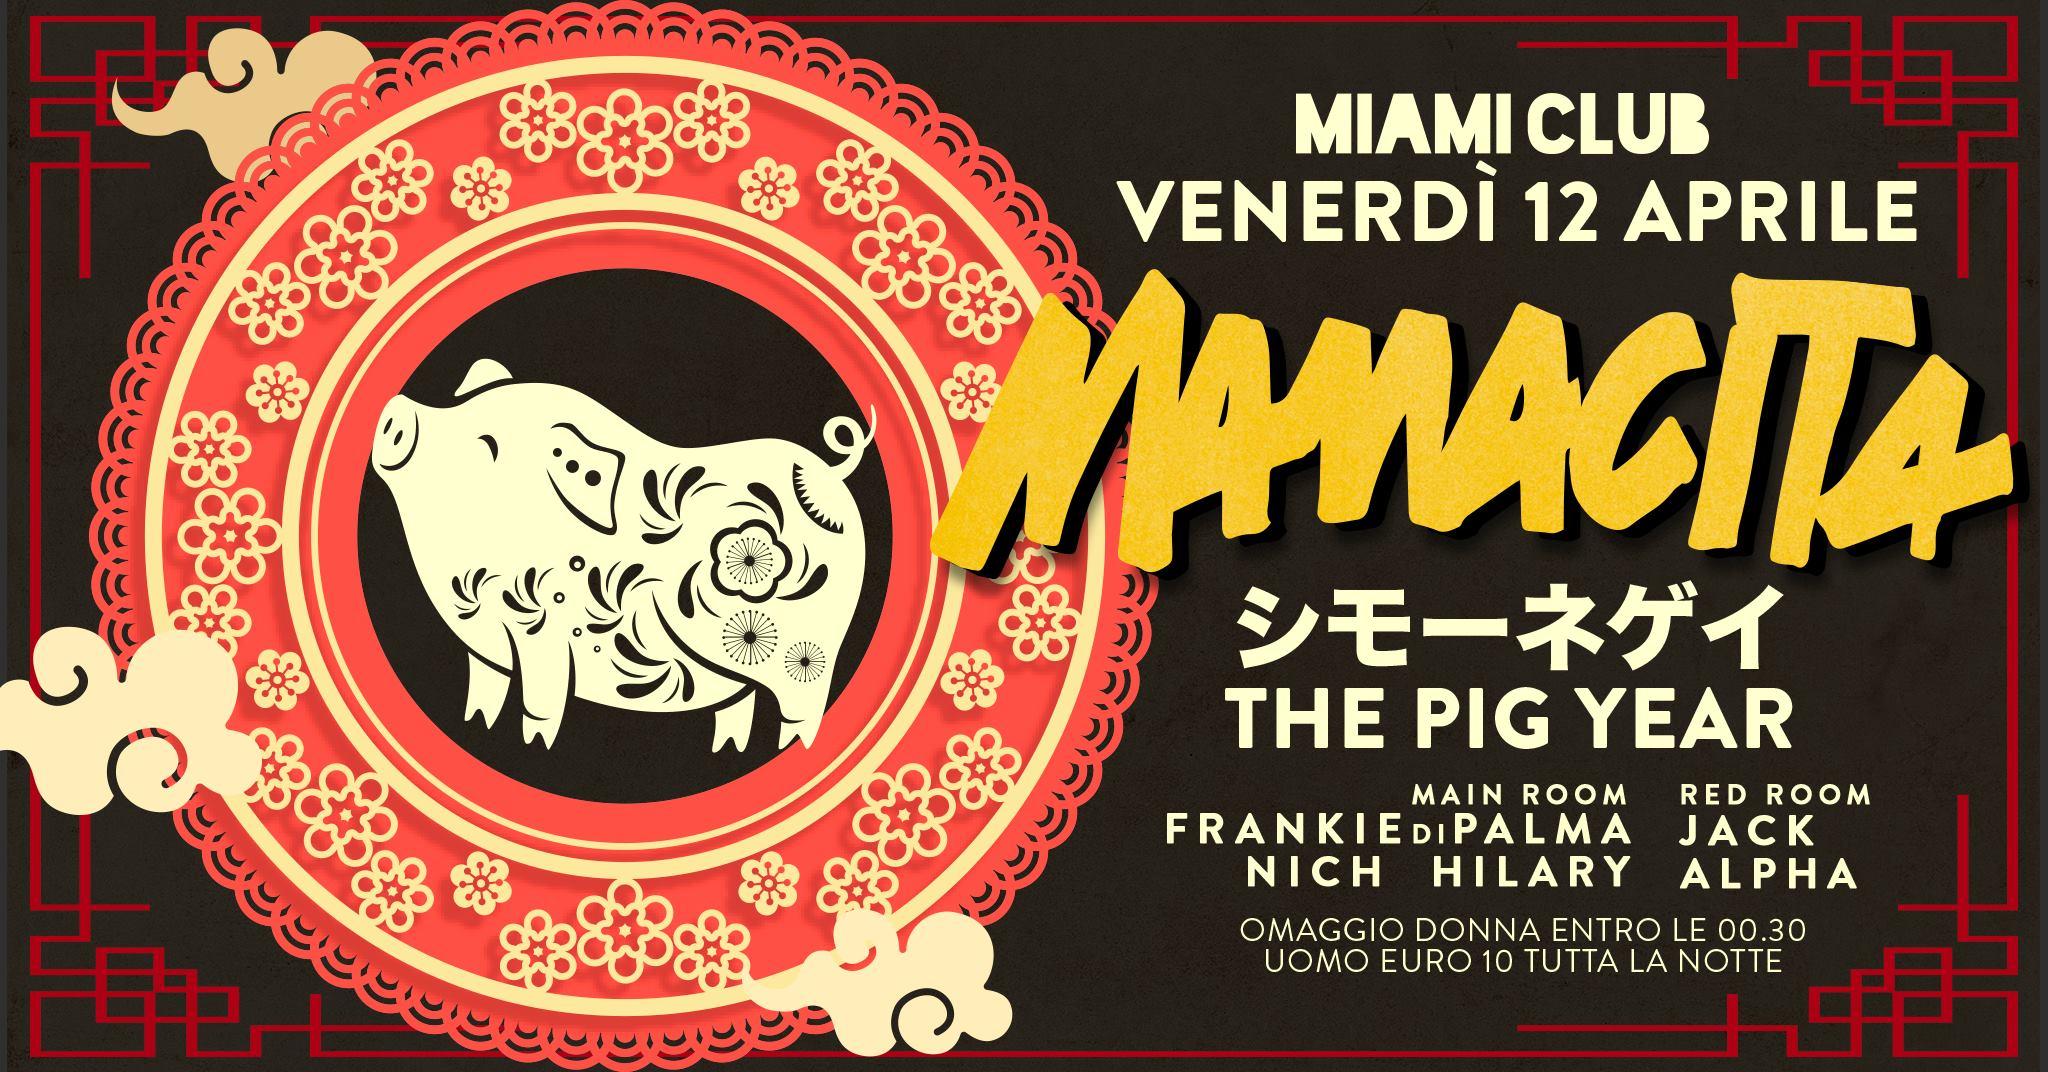 The Pig Year Miami Club Monsano